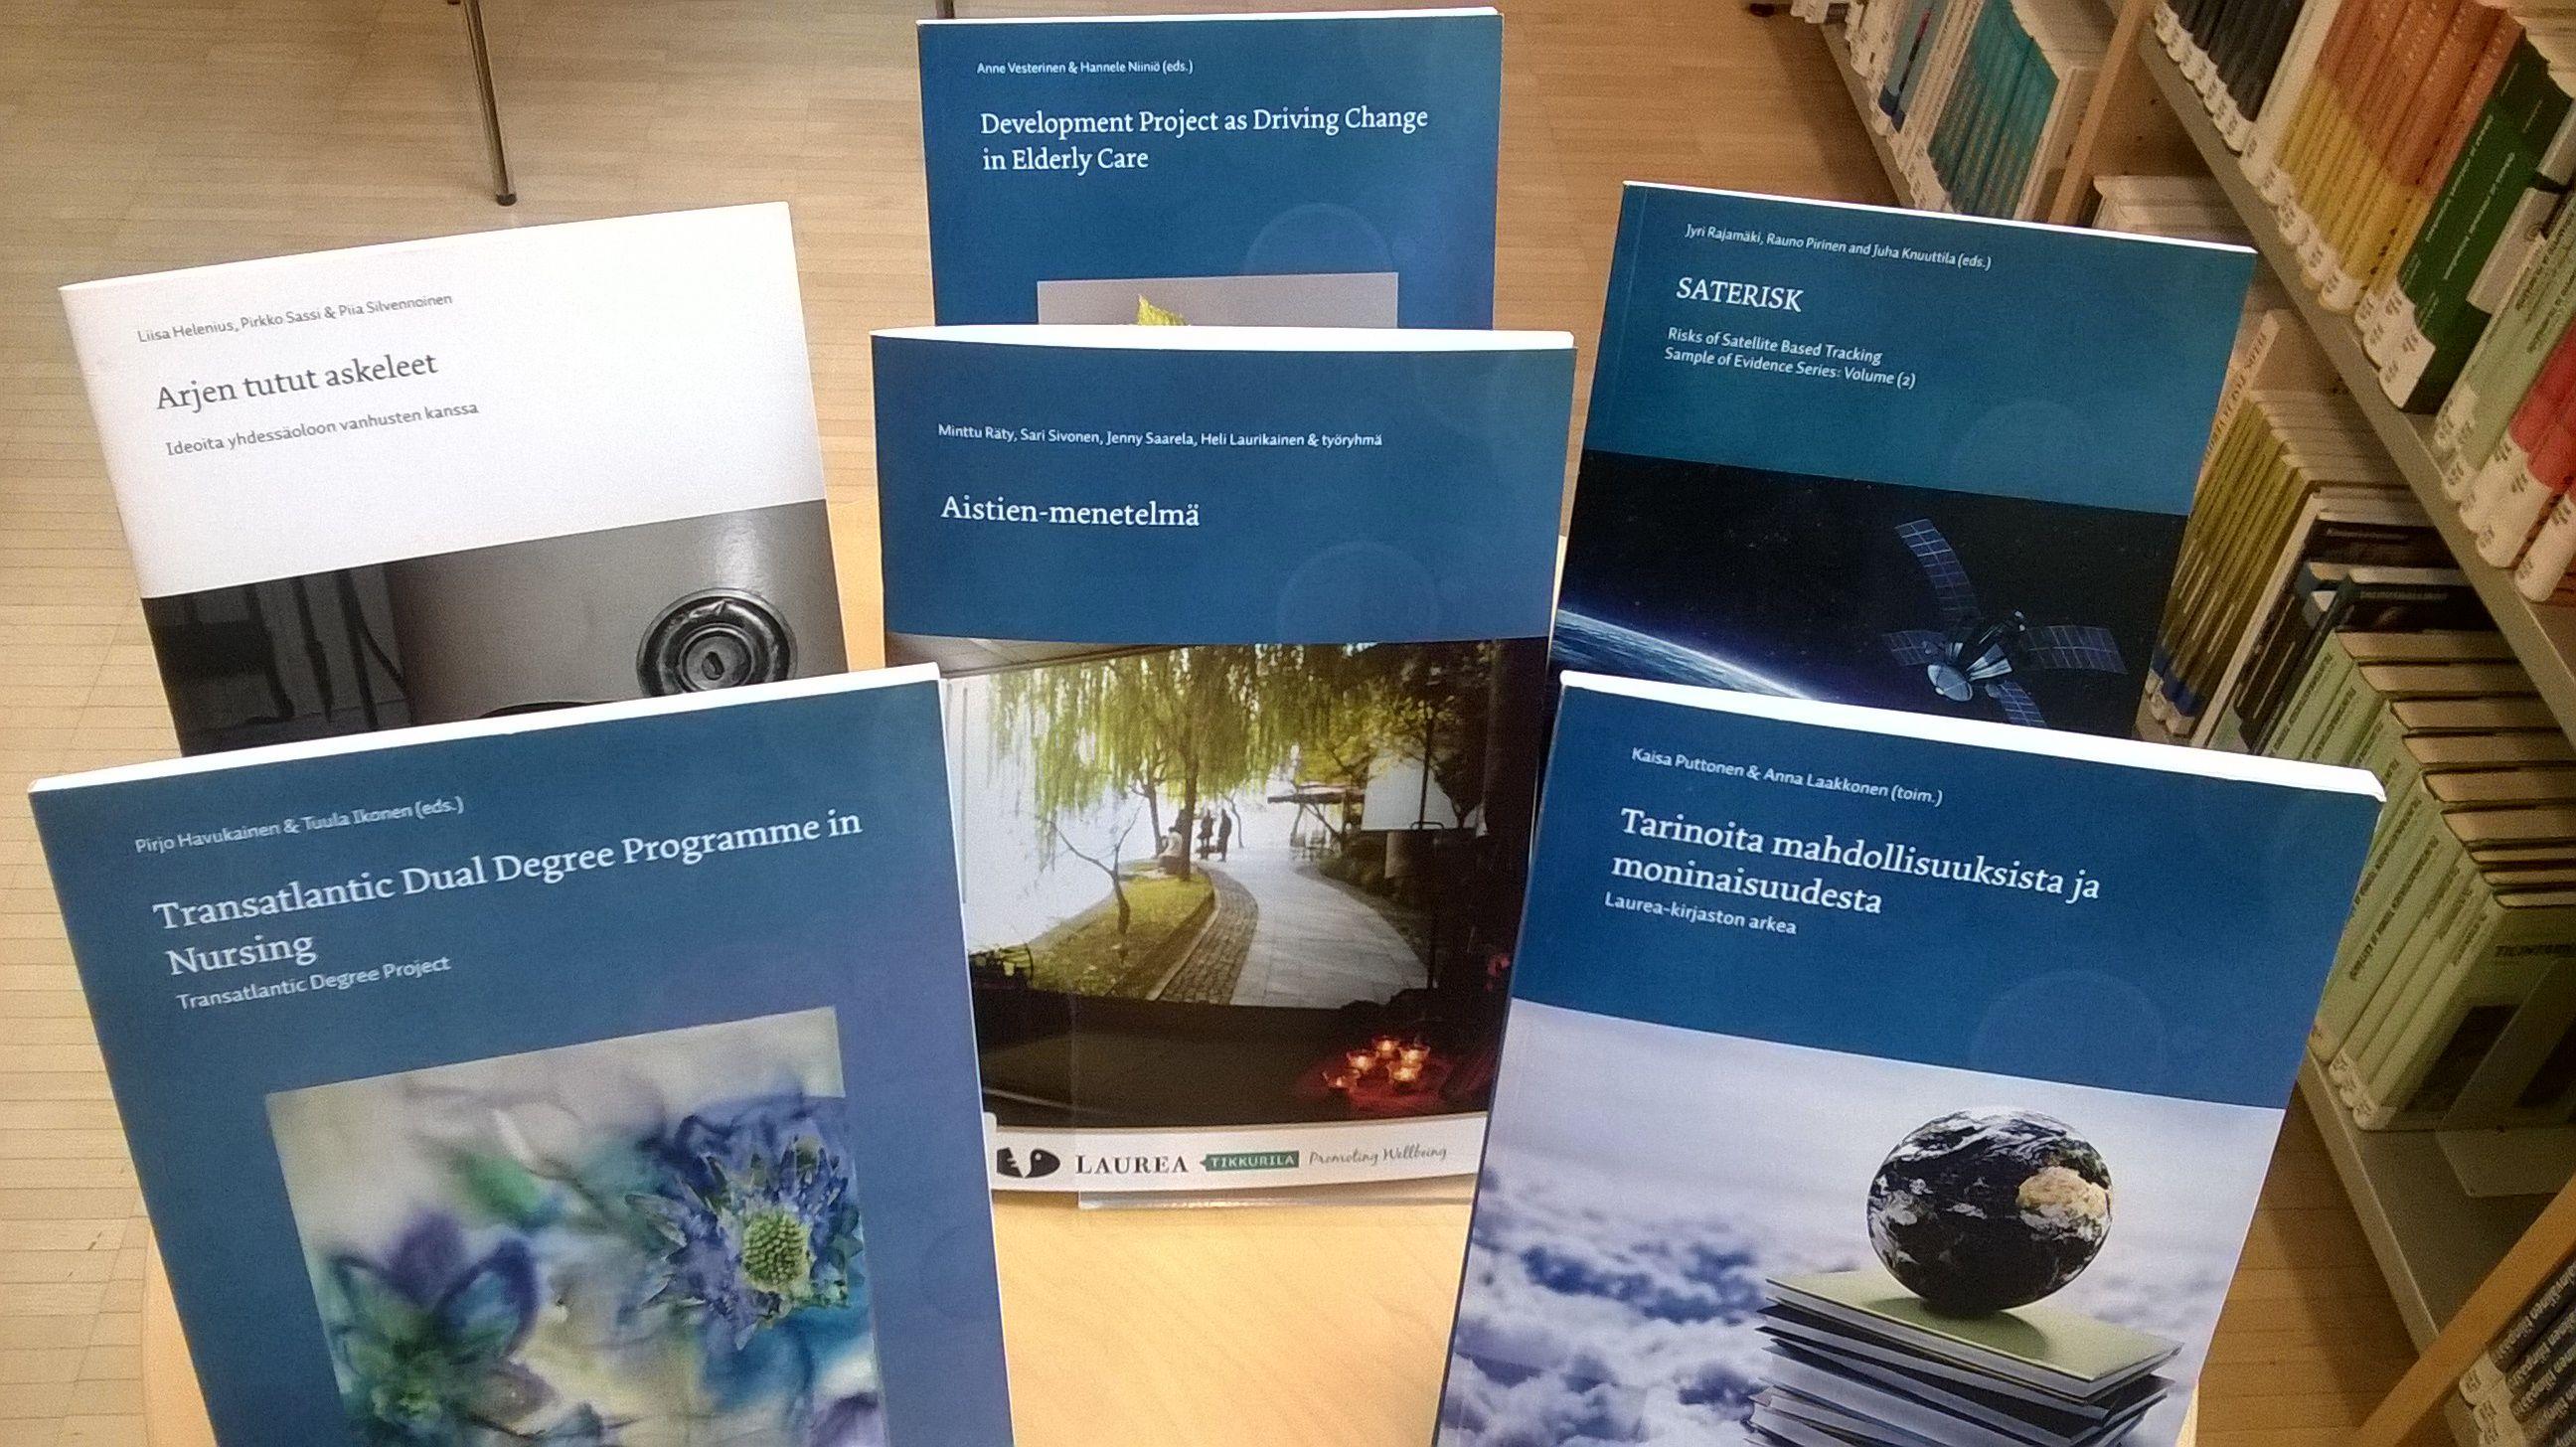 Laurealaisia kirjoissa, kansissa ja kirjaston hyllyissä http://laureakirjasto.wordpress.com/2014/05/13/laurealaisia-kirjoissa-kansissa-ja-kirjaston-hyllyissa/